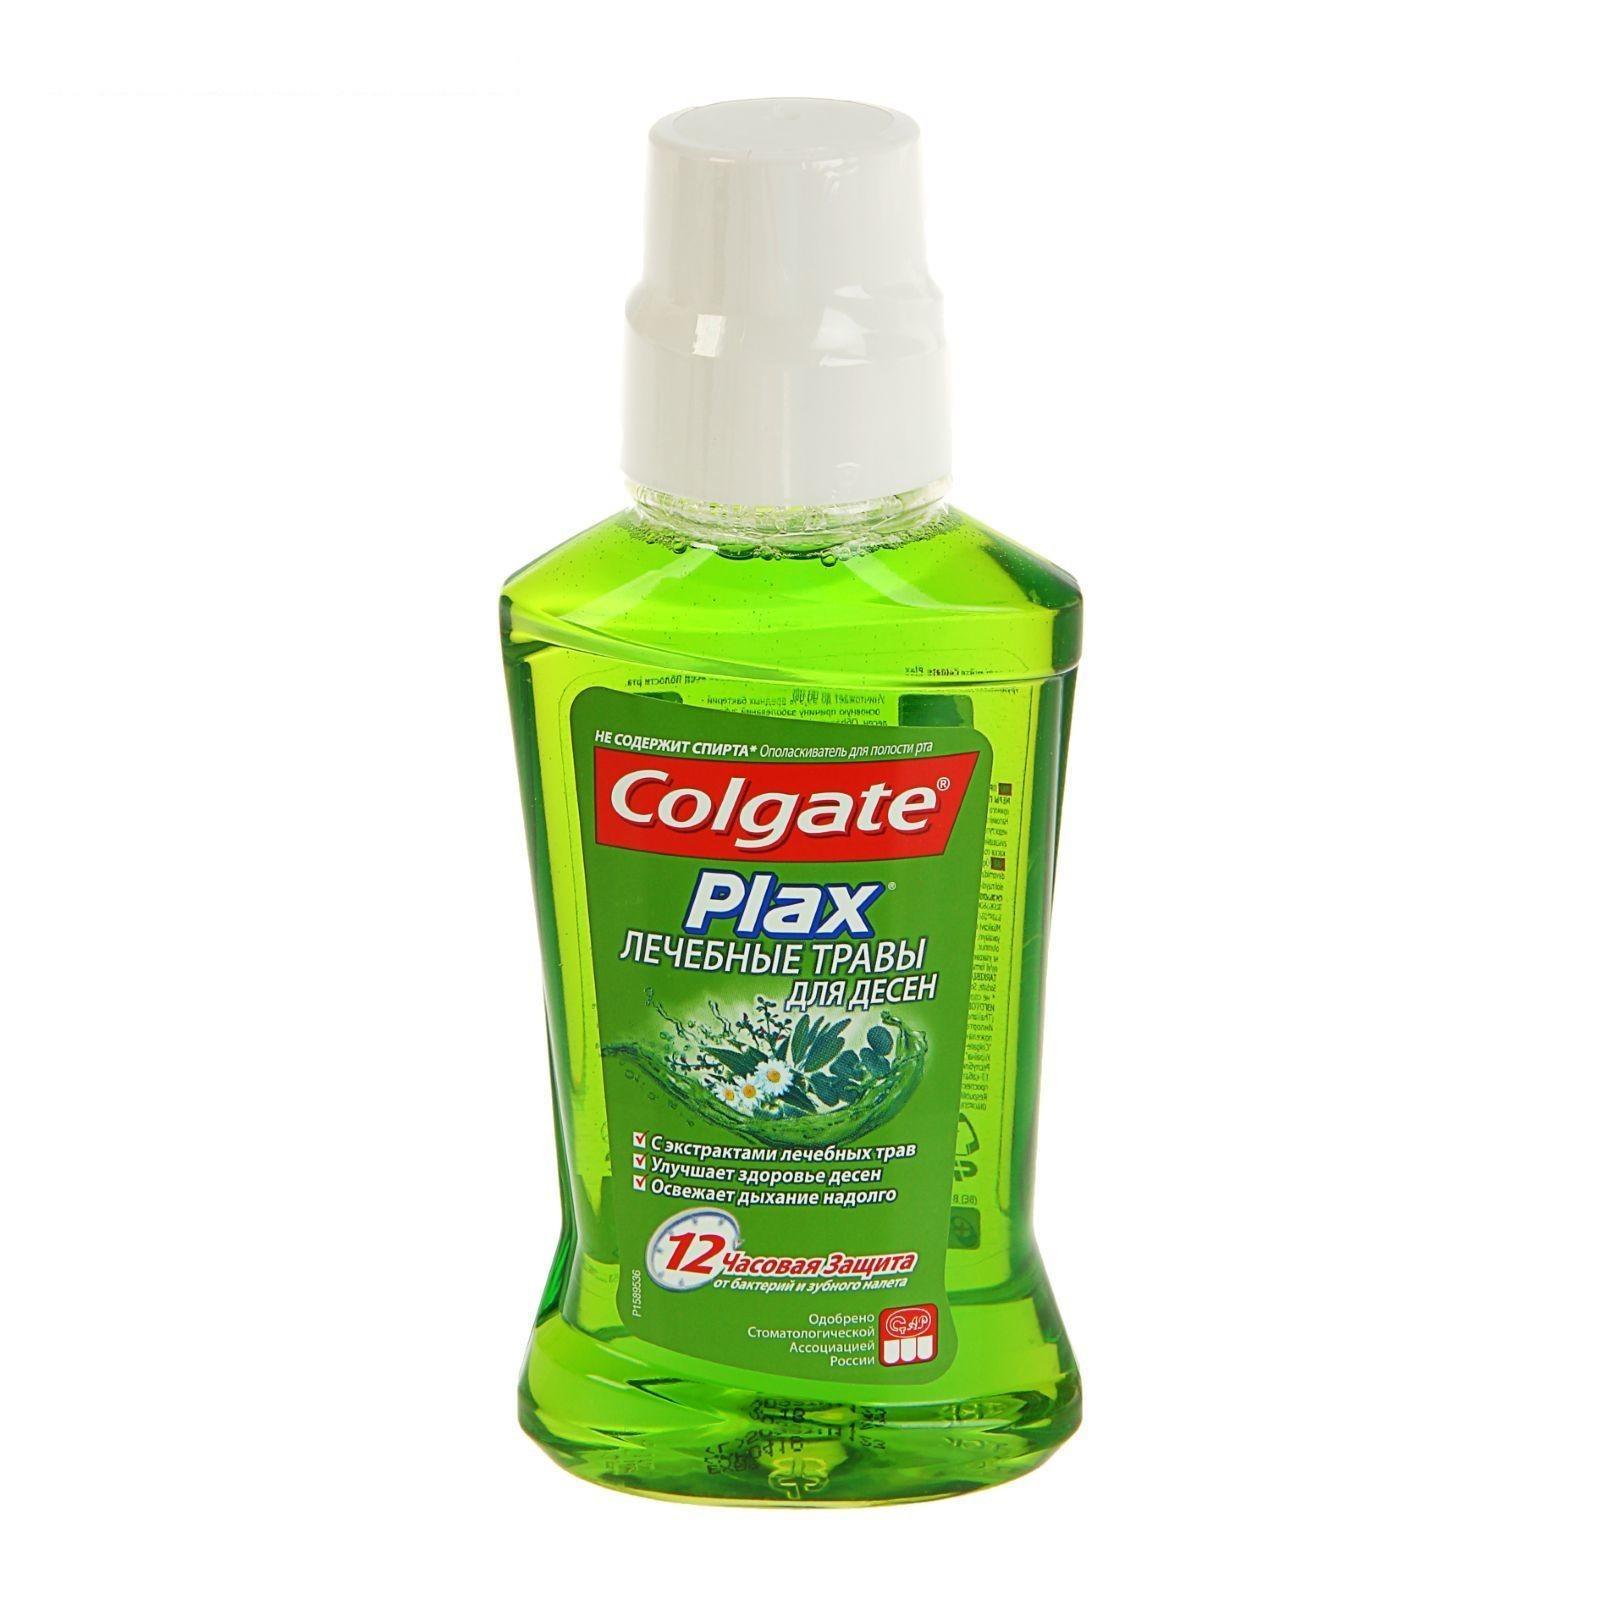 Ополаскиватель для полости рта Colgate Plax Лечебные травы